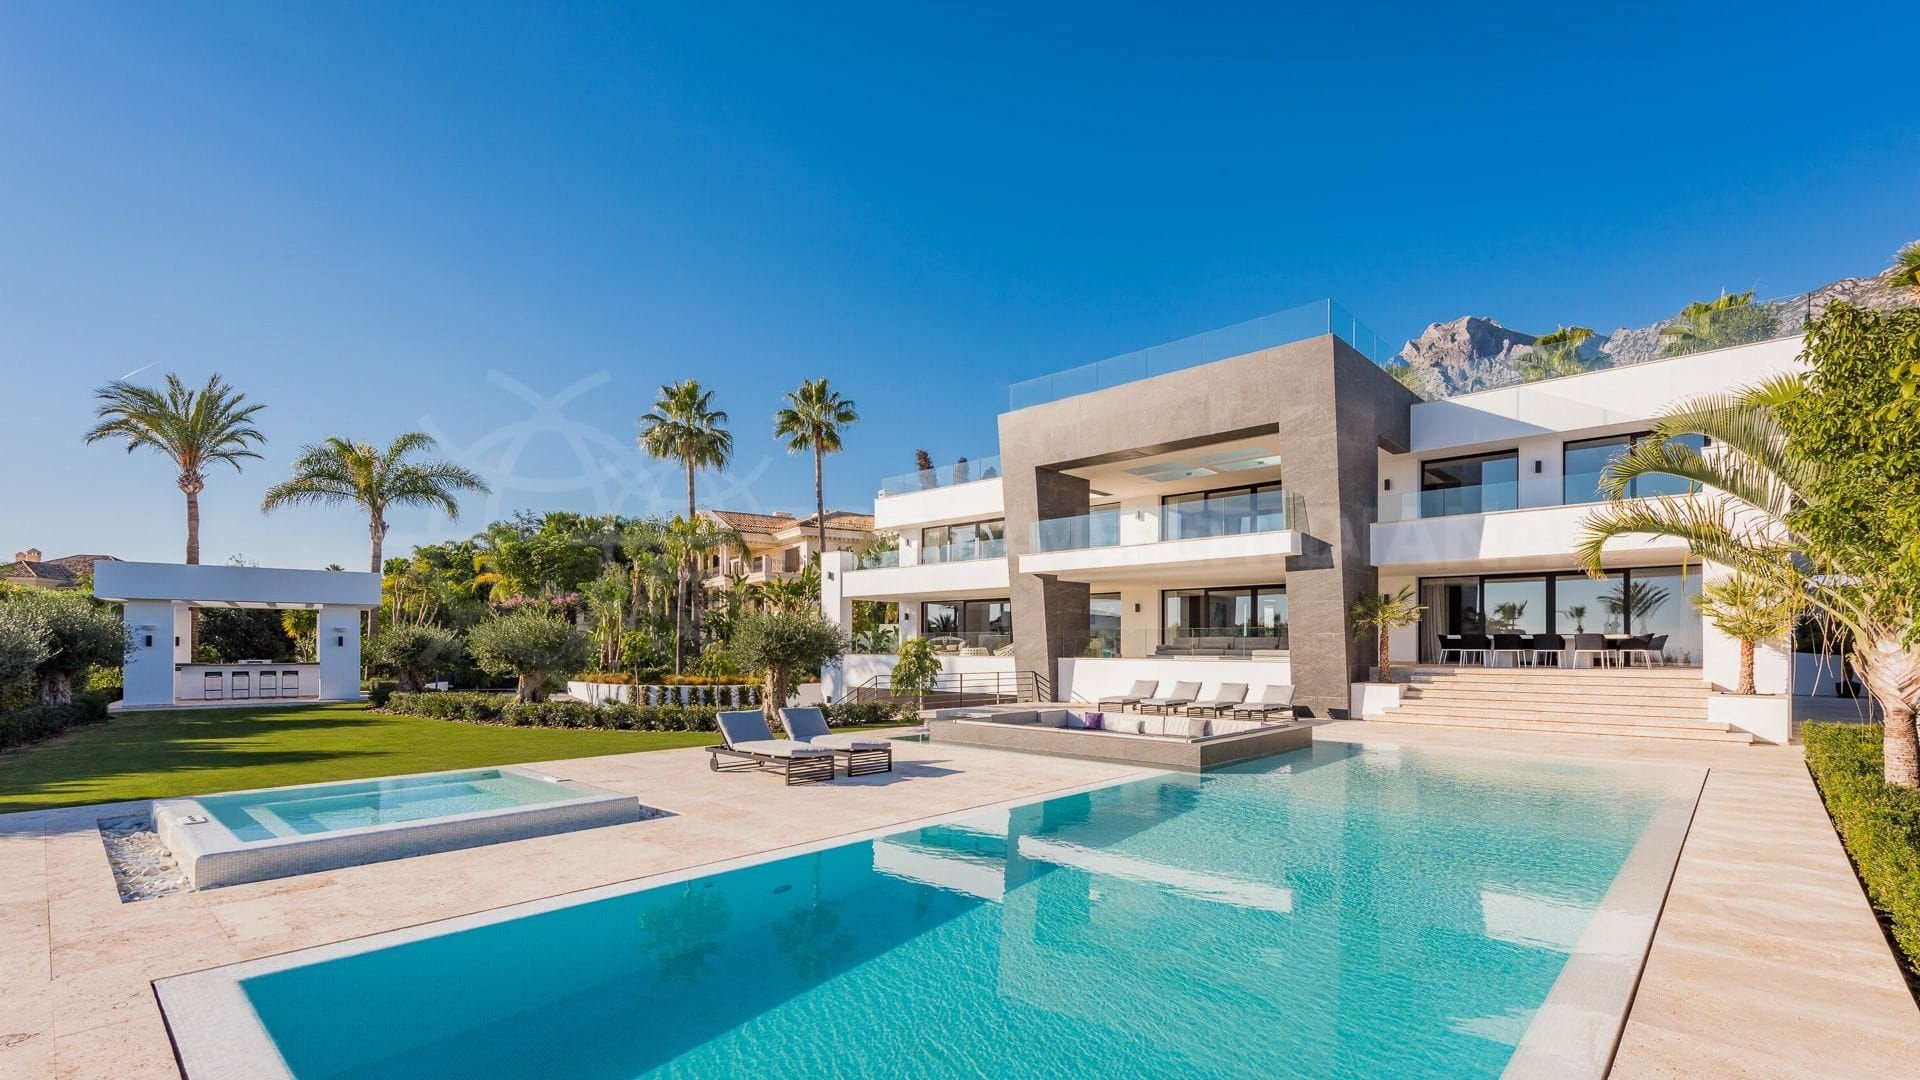 Los gastos de venta de una propiedad en la Costa del Sol, parte 2